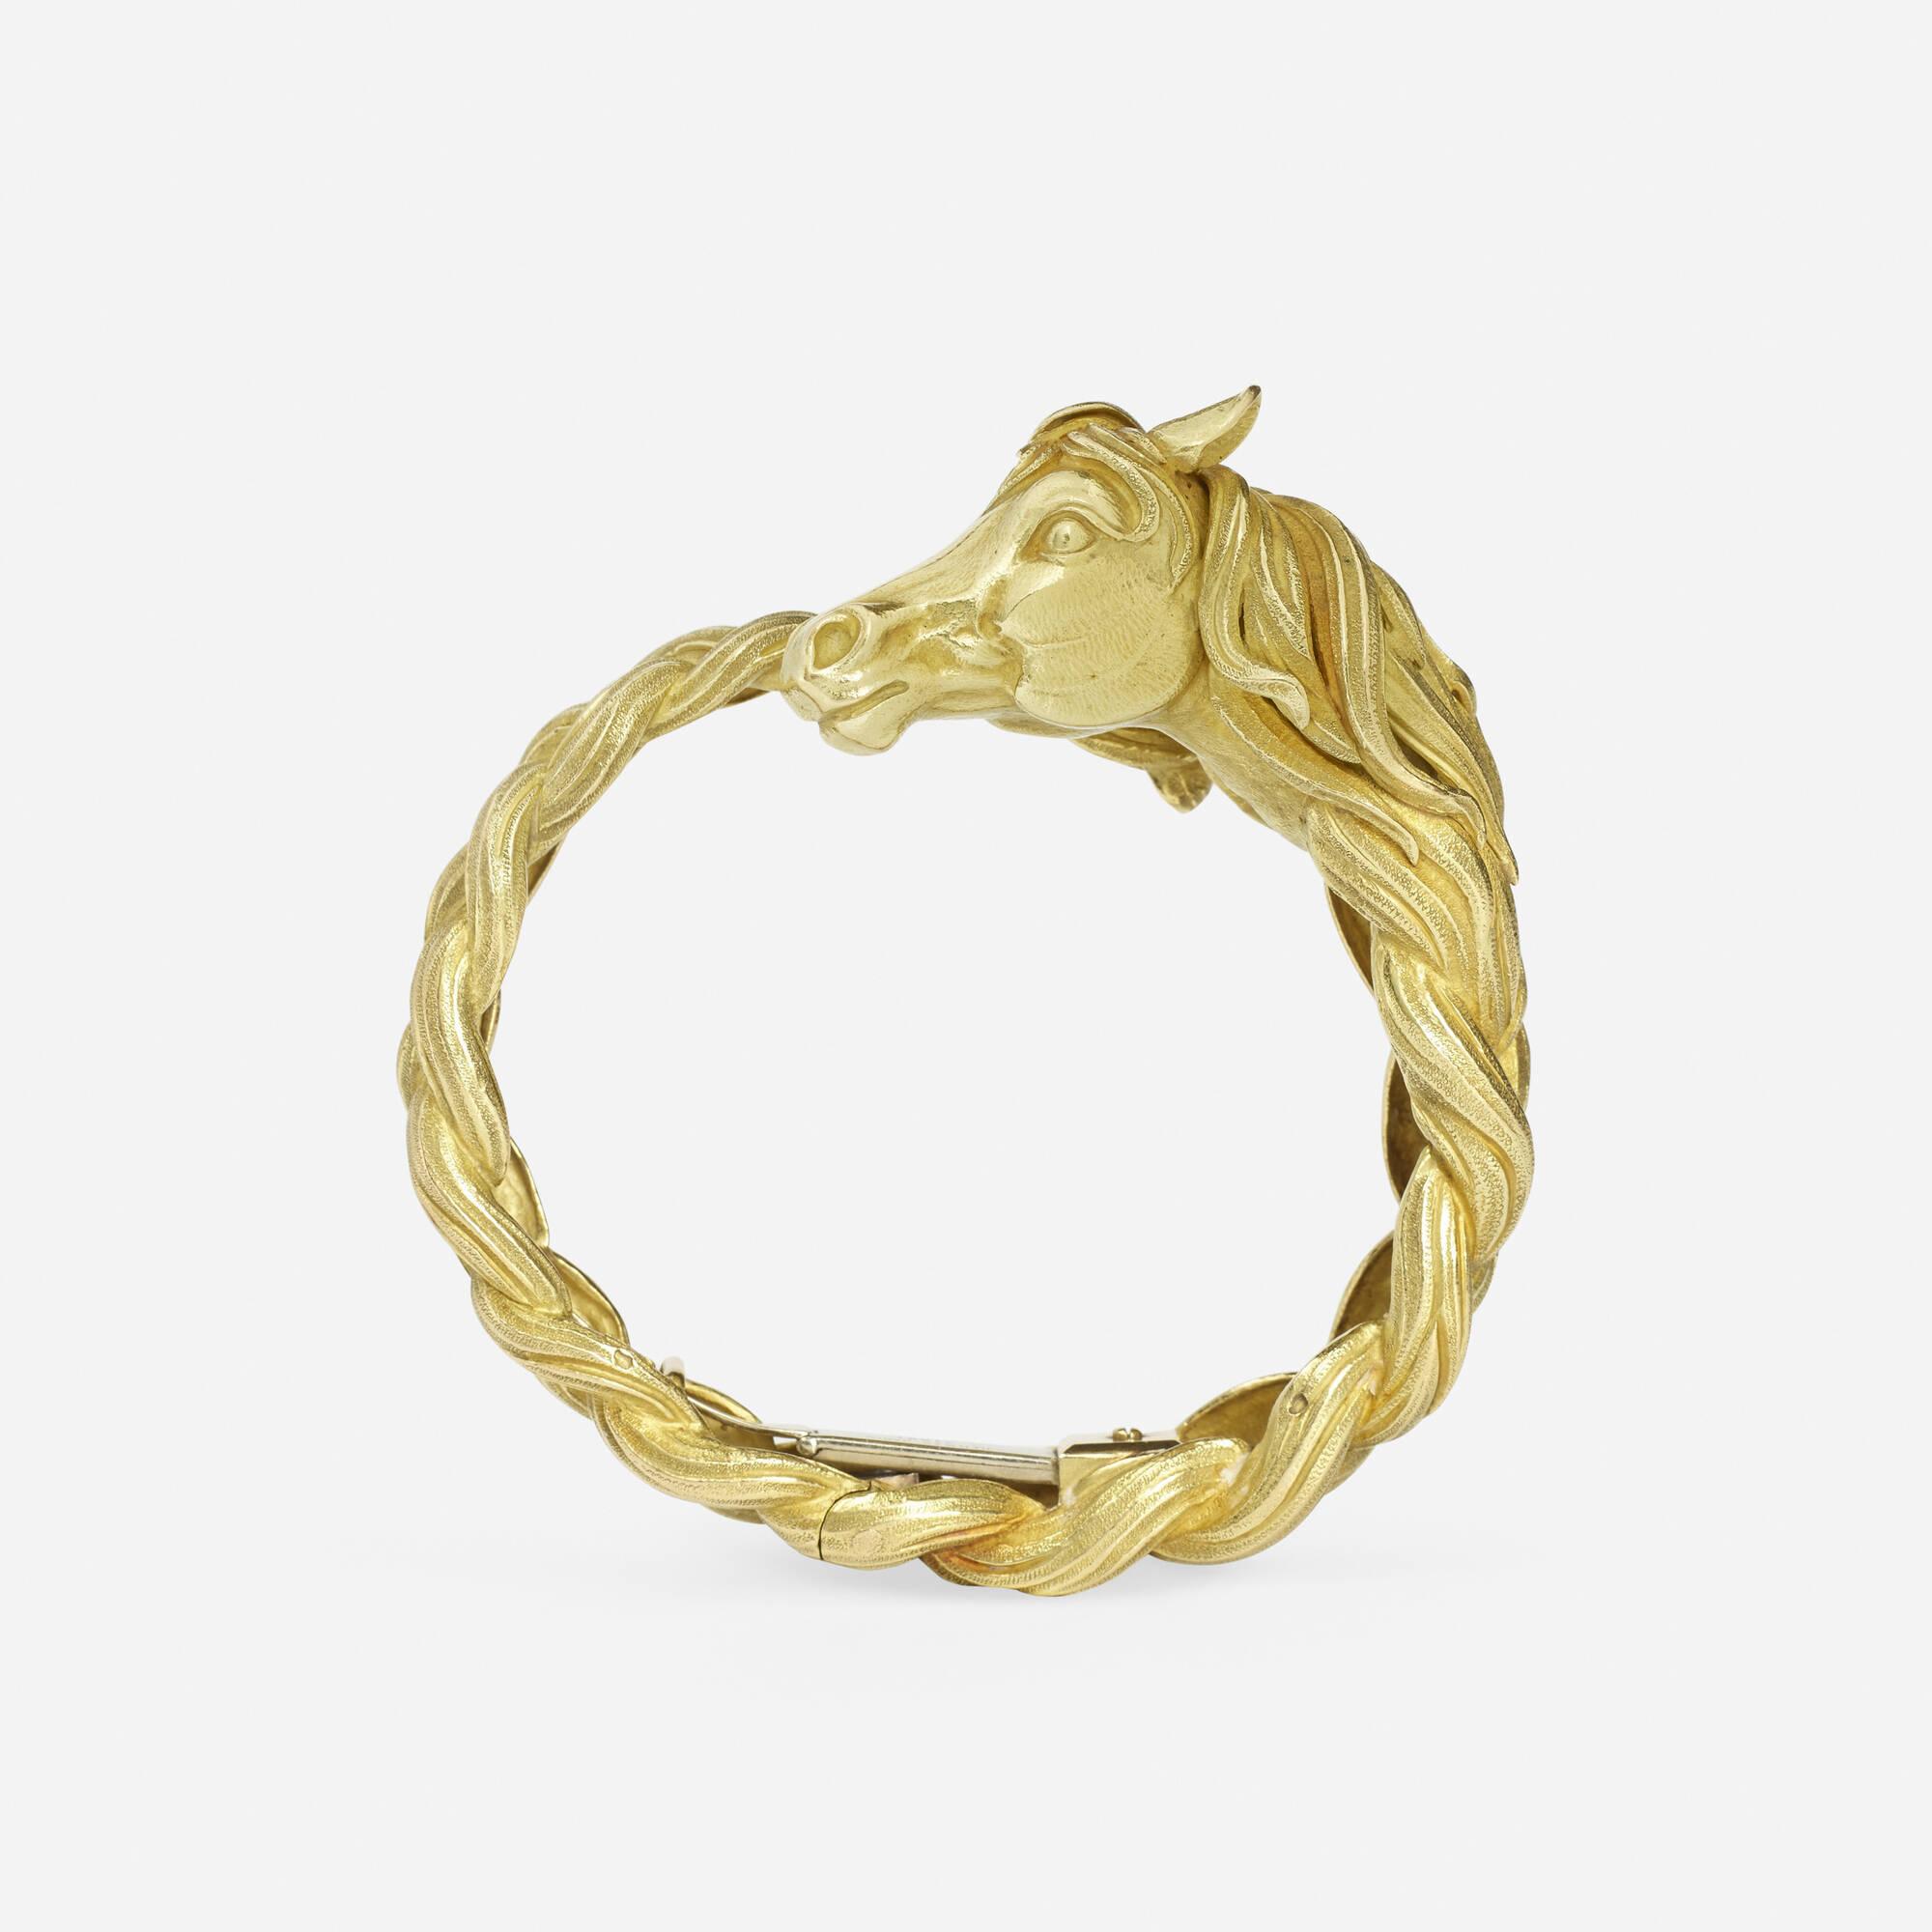 165: Hermès / A gold Tête de Cheval bracelet (2 of 2)